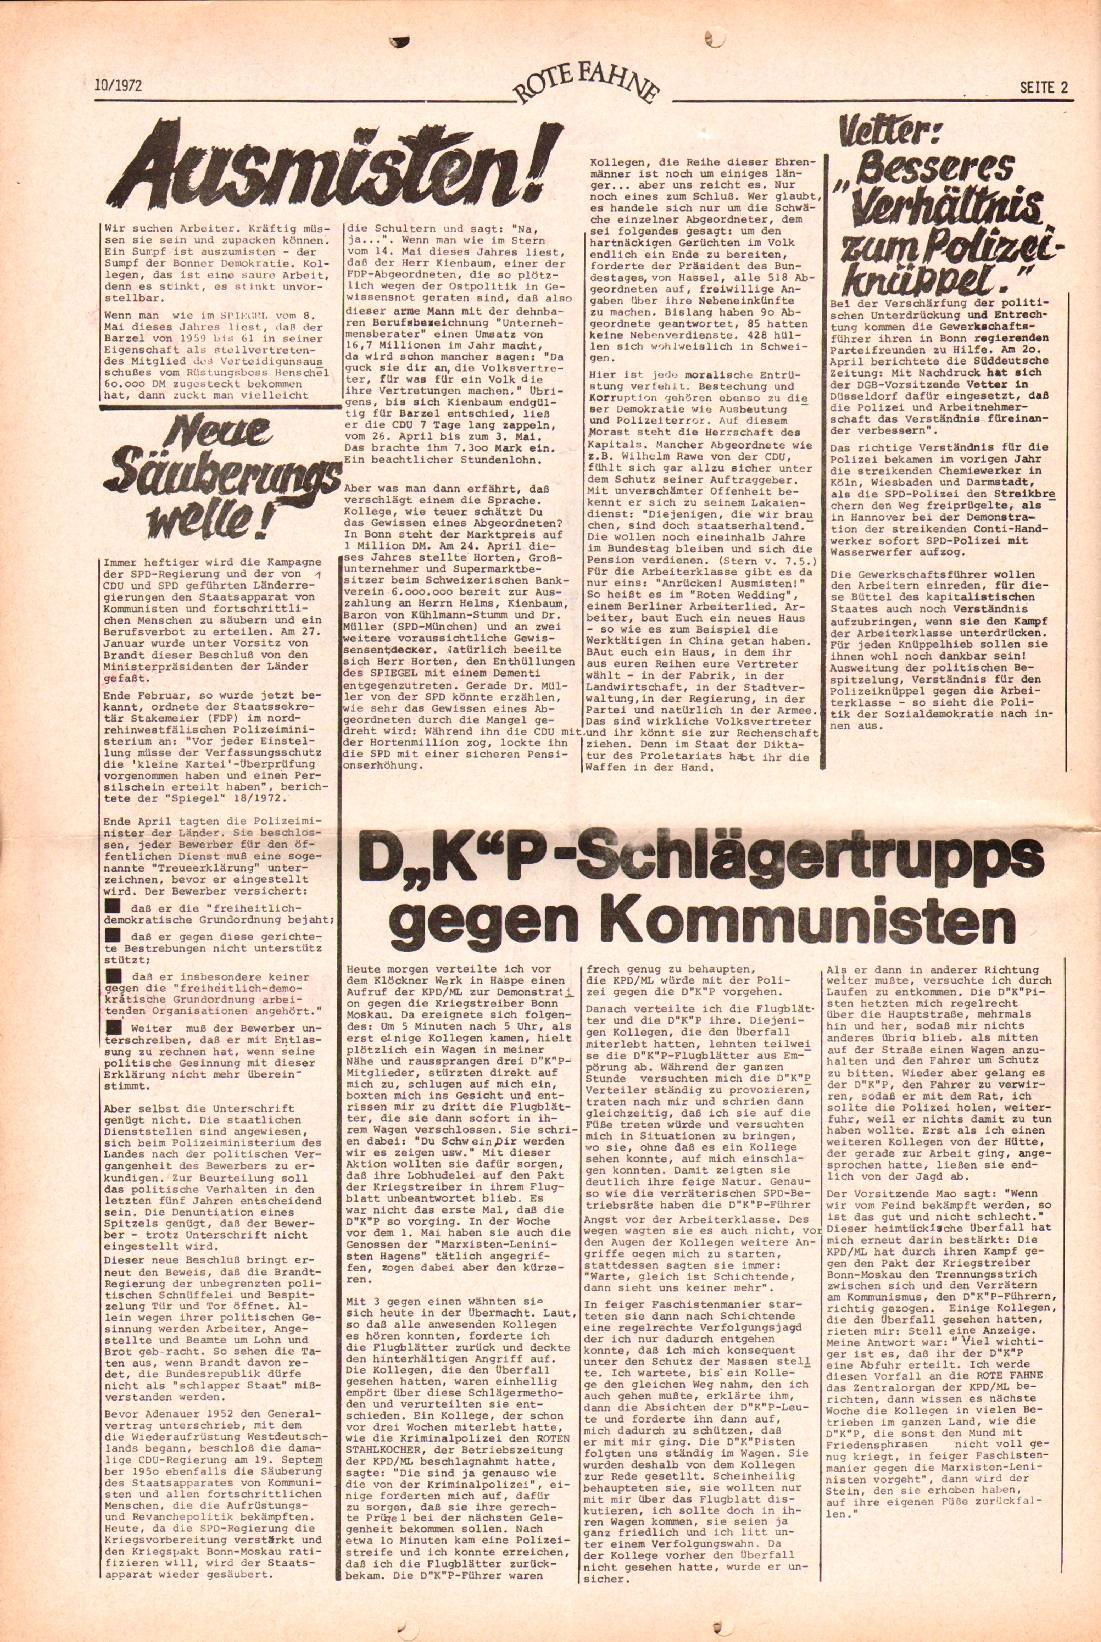 Rote Fahne, 3. Jg., 15.5.1972, Nr. 10, Seite 2